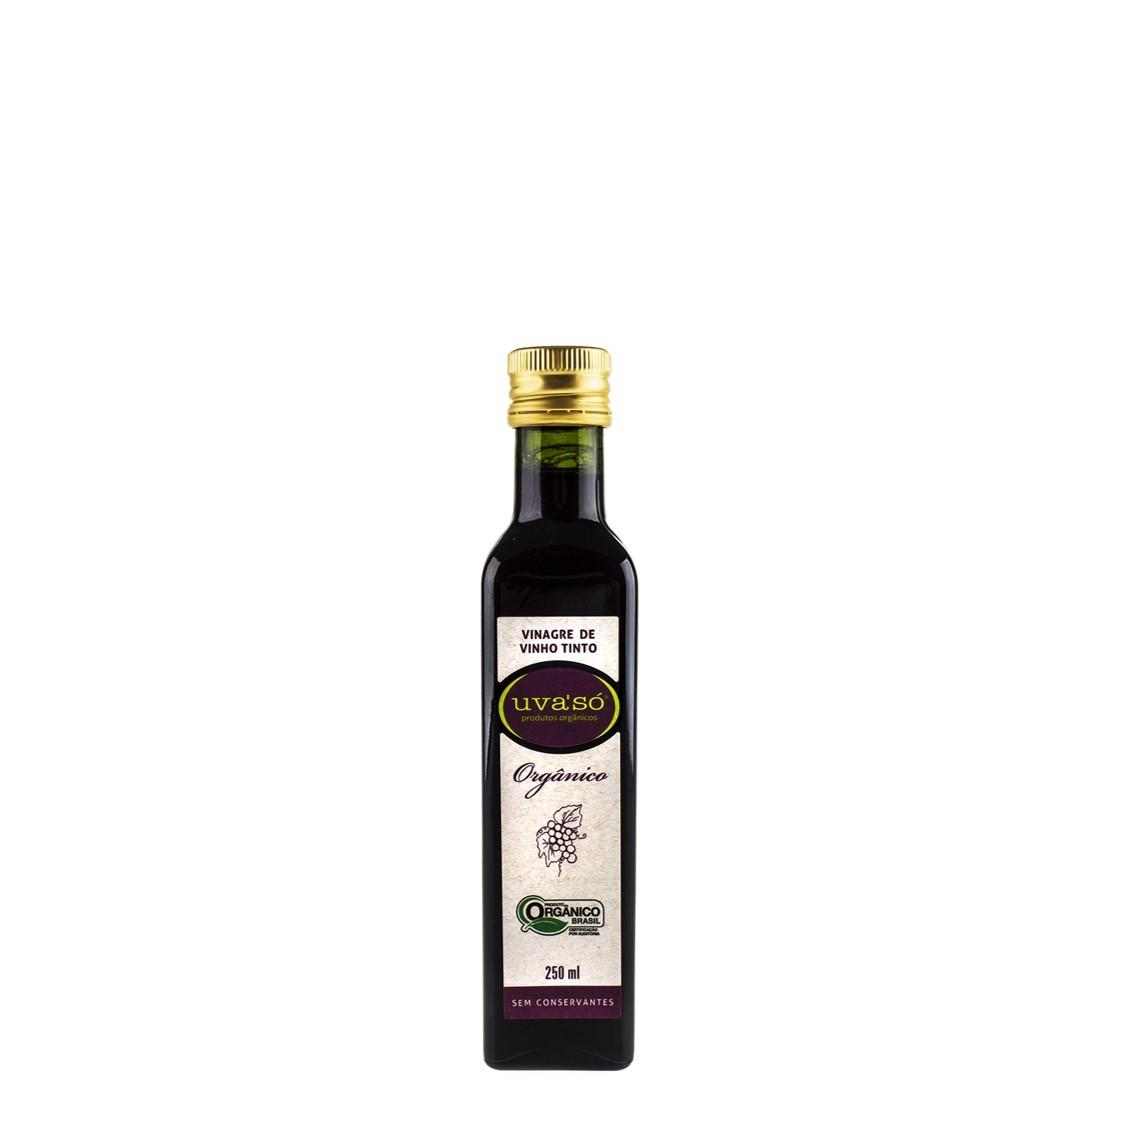 Vinagre de Vinho Tinto (250ml) – Uva'só